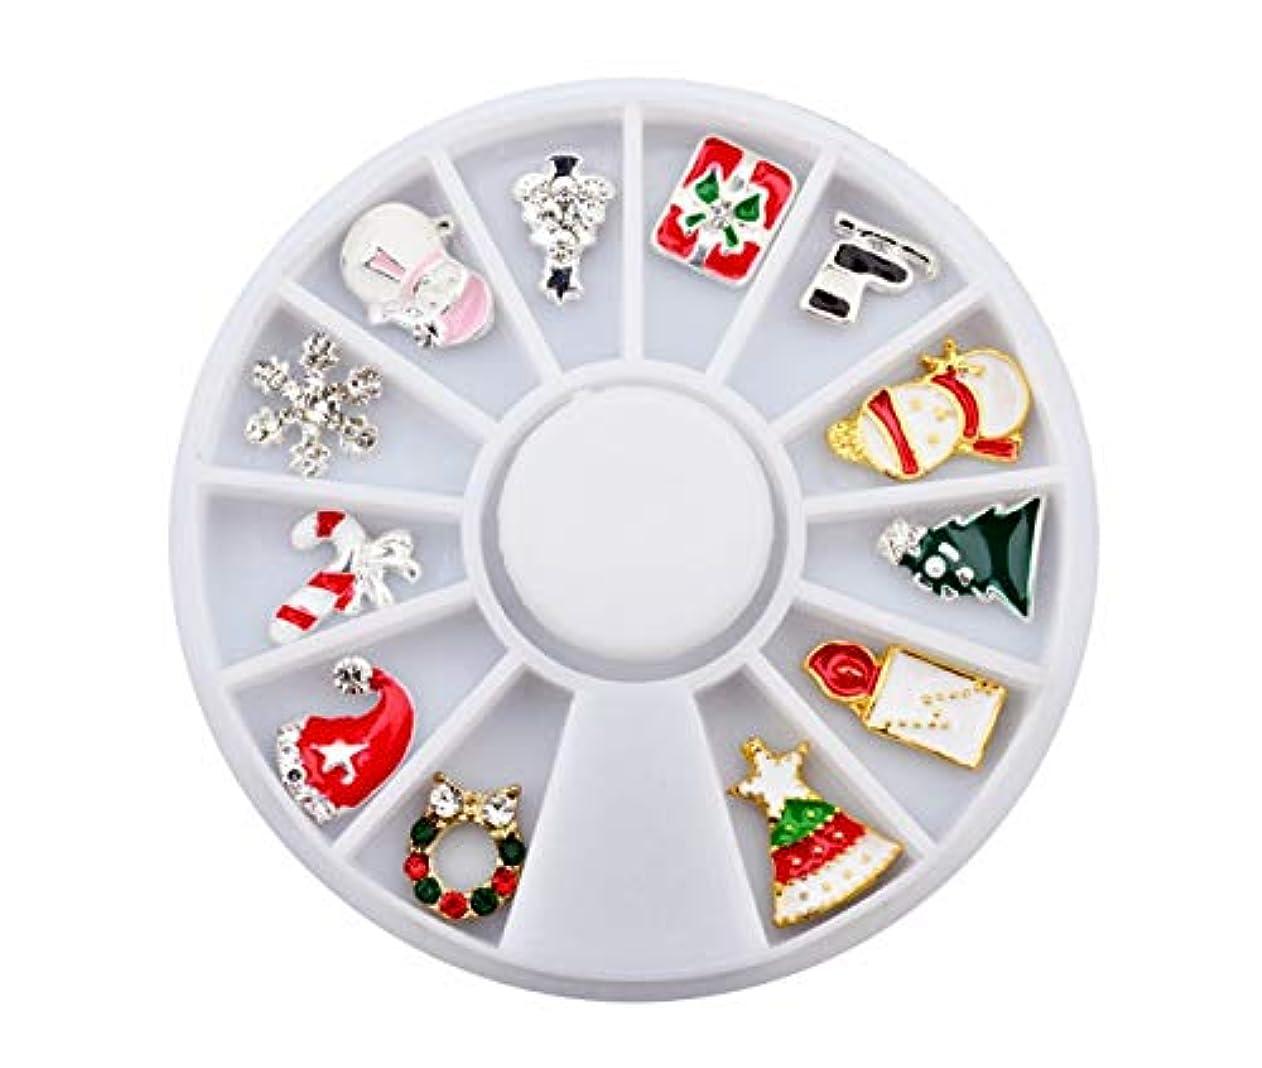 控えめなうんざりかりてTianmey クリスマスフェイク釘金属の3DダイヤモンドDIYネイルアートクリスマスの装飾ホリデー付け爪グリッターラインストーンネイル用品ジュエリー